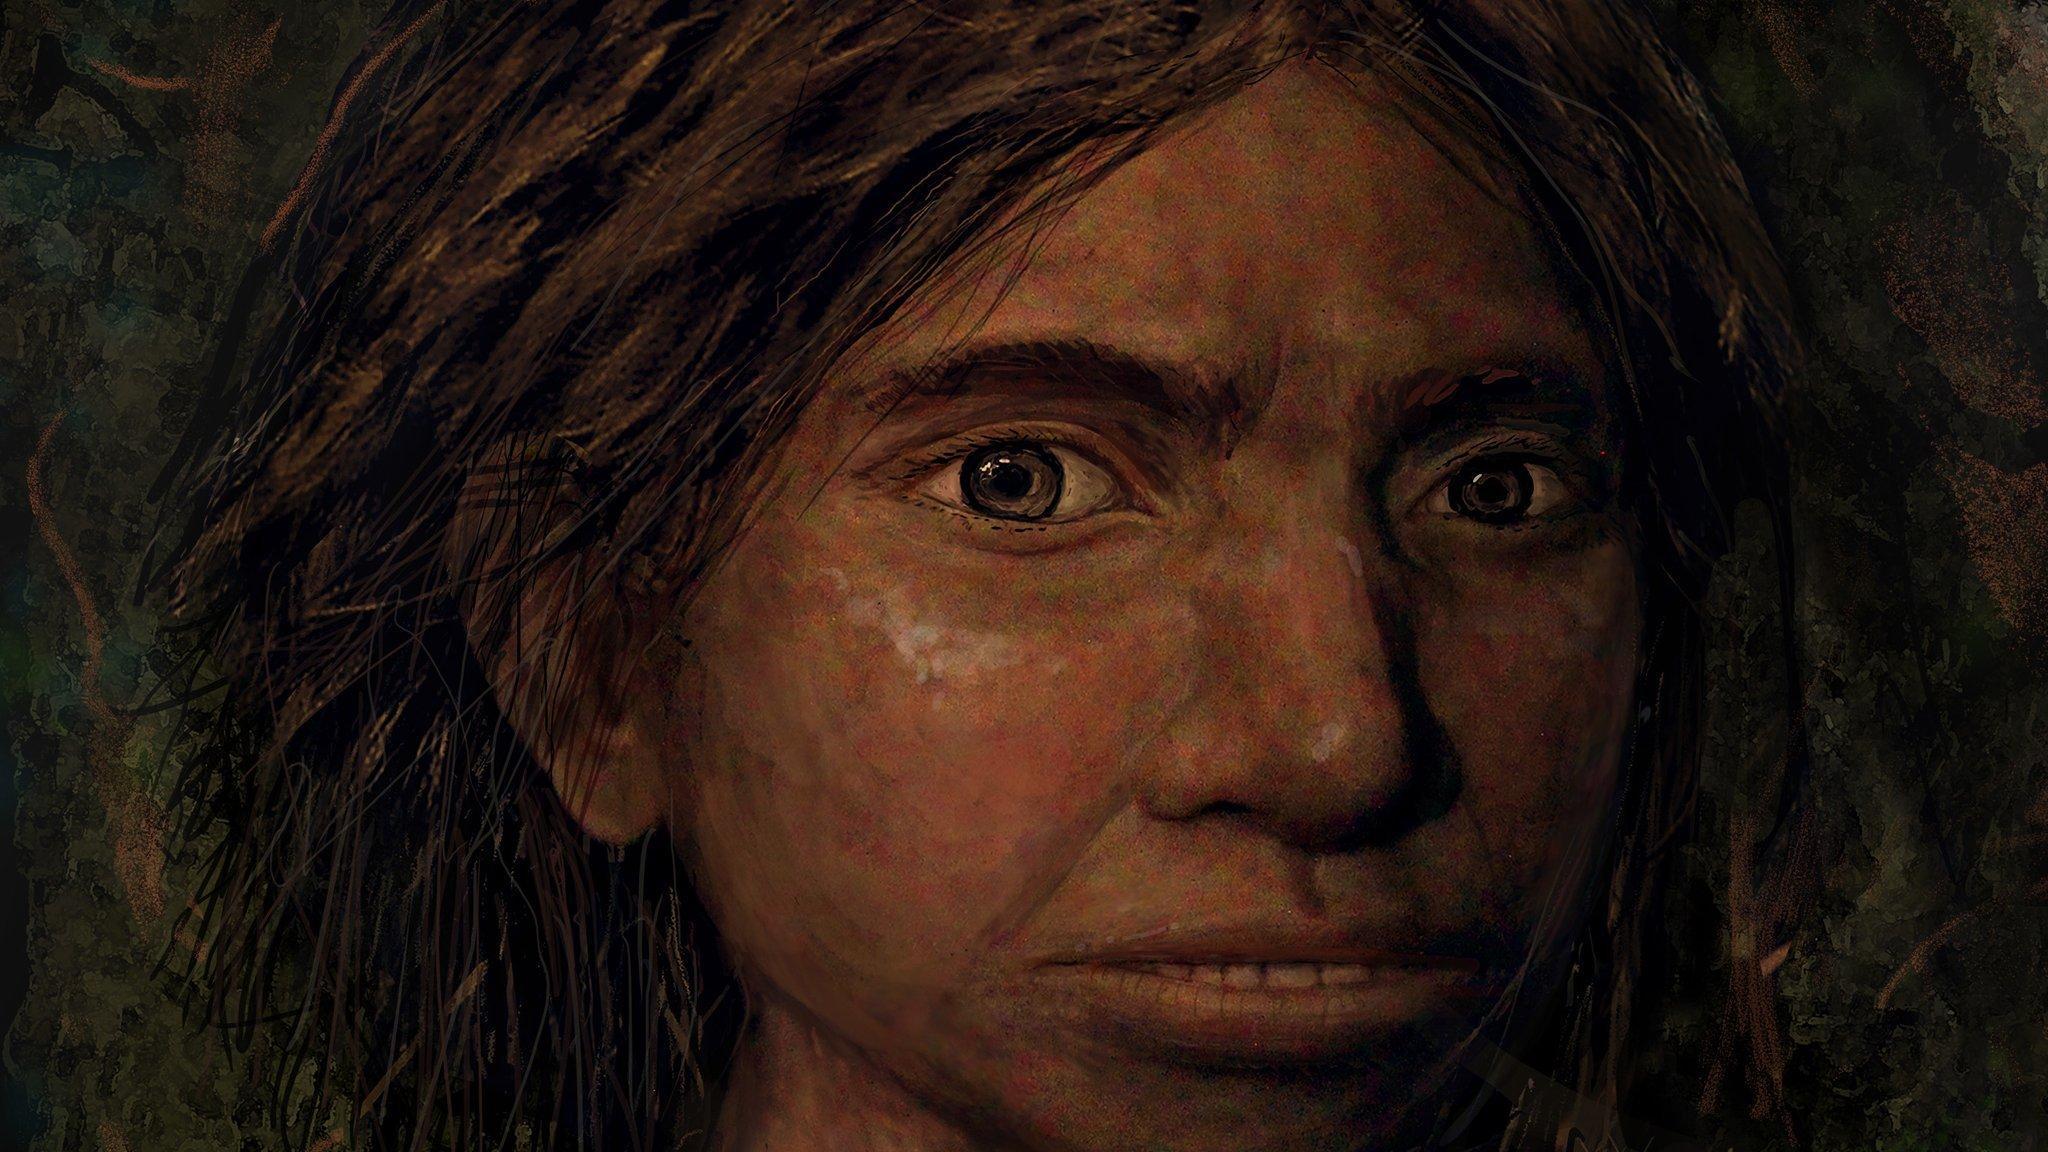 Das Bild zeigt das in bräunlichen Farbtönen gehaltene Porträt eines Mädchens mit kräftigen, dunklen Haaren und einem ungewöhnlich breiten Gesicht. Es handelt sich um die Illustration einer Frau der Denisova-Urmenschen. Deren Aussehen rekonstruierten Forschende aufgrund genetischer Analysen.